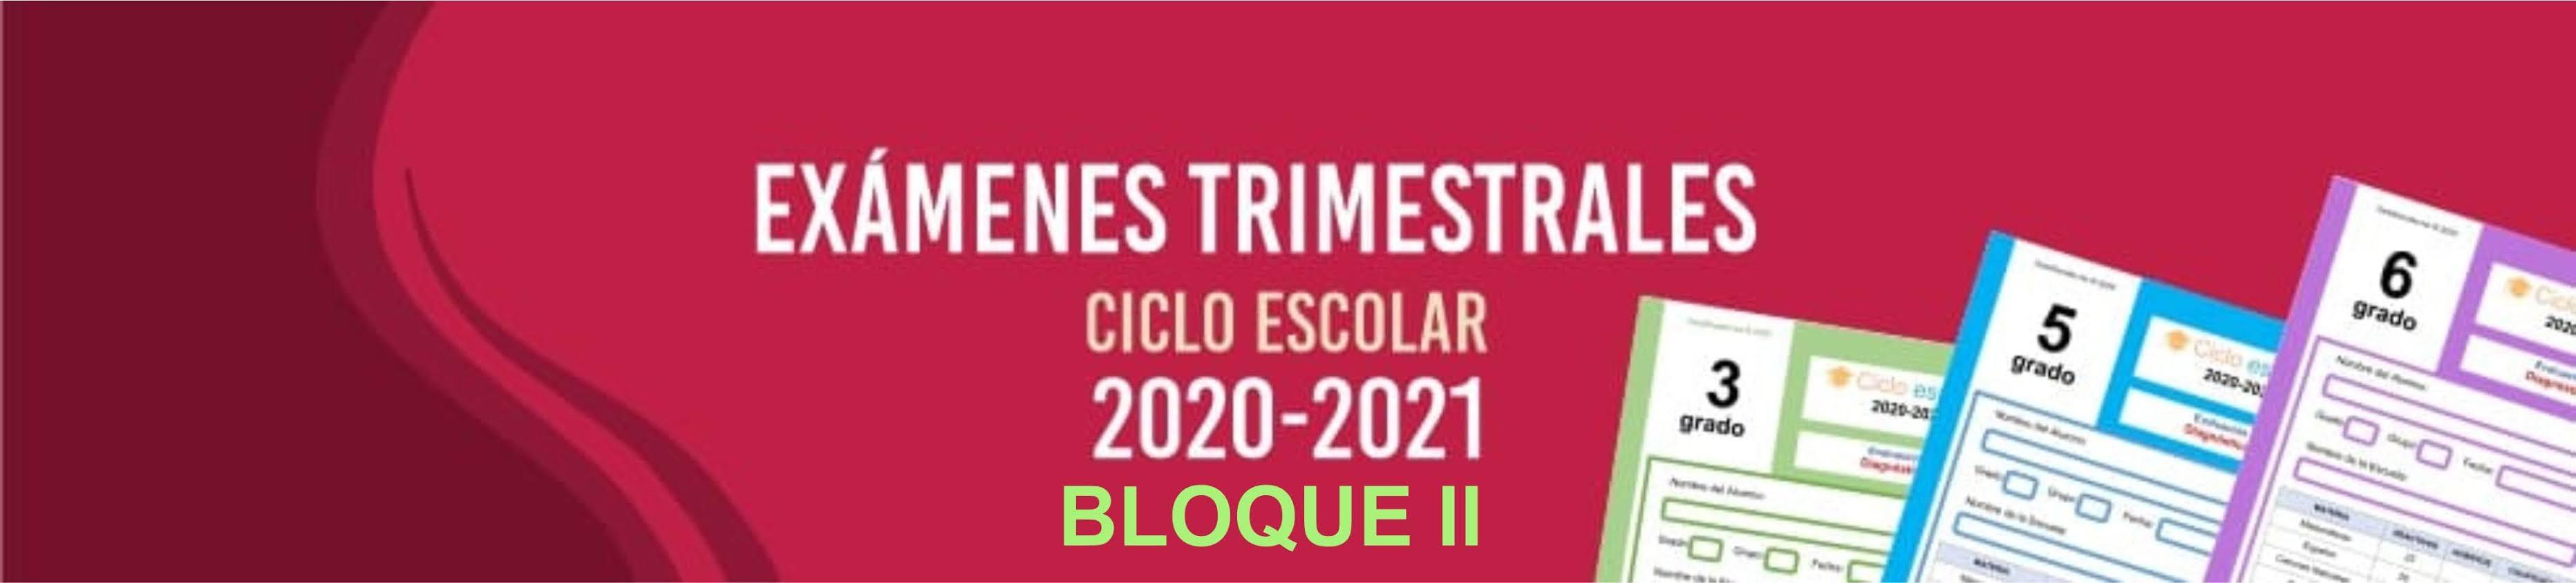 Exámenes Trimestrales Bloque 2 Nivel Primaria Ciclo Escolar 2020-2021